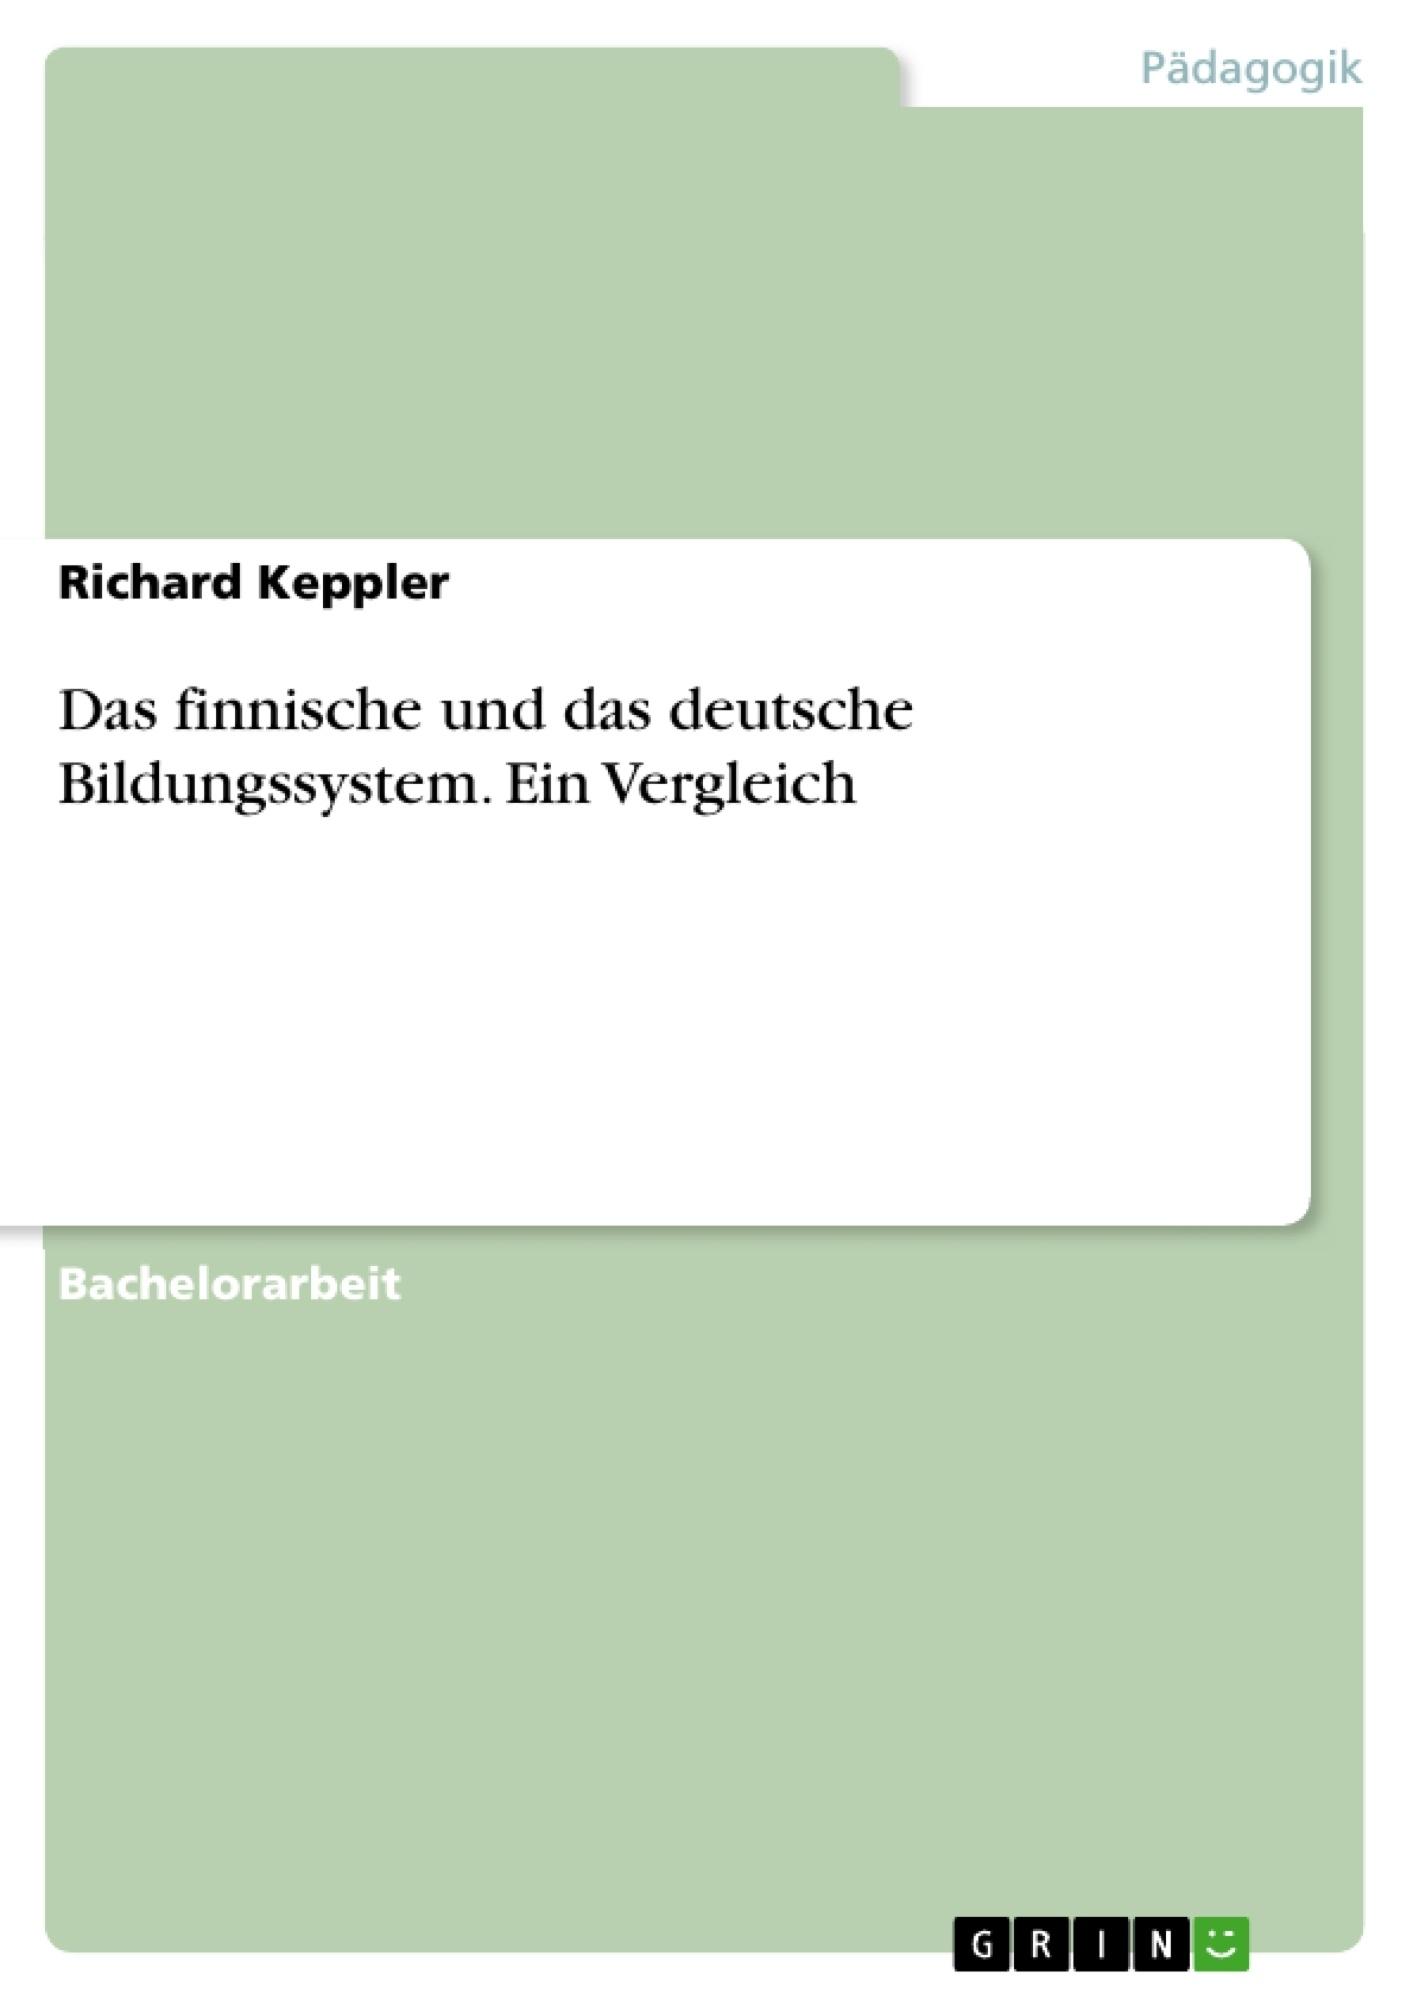 Titel: Das finnische und das deutsche Bildungssystem. Ein Vergleich